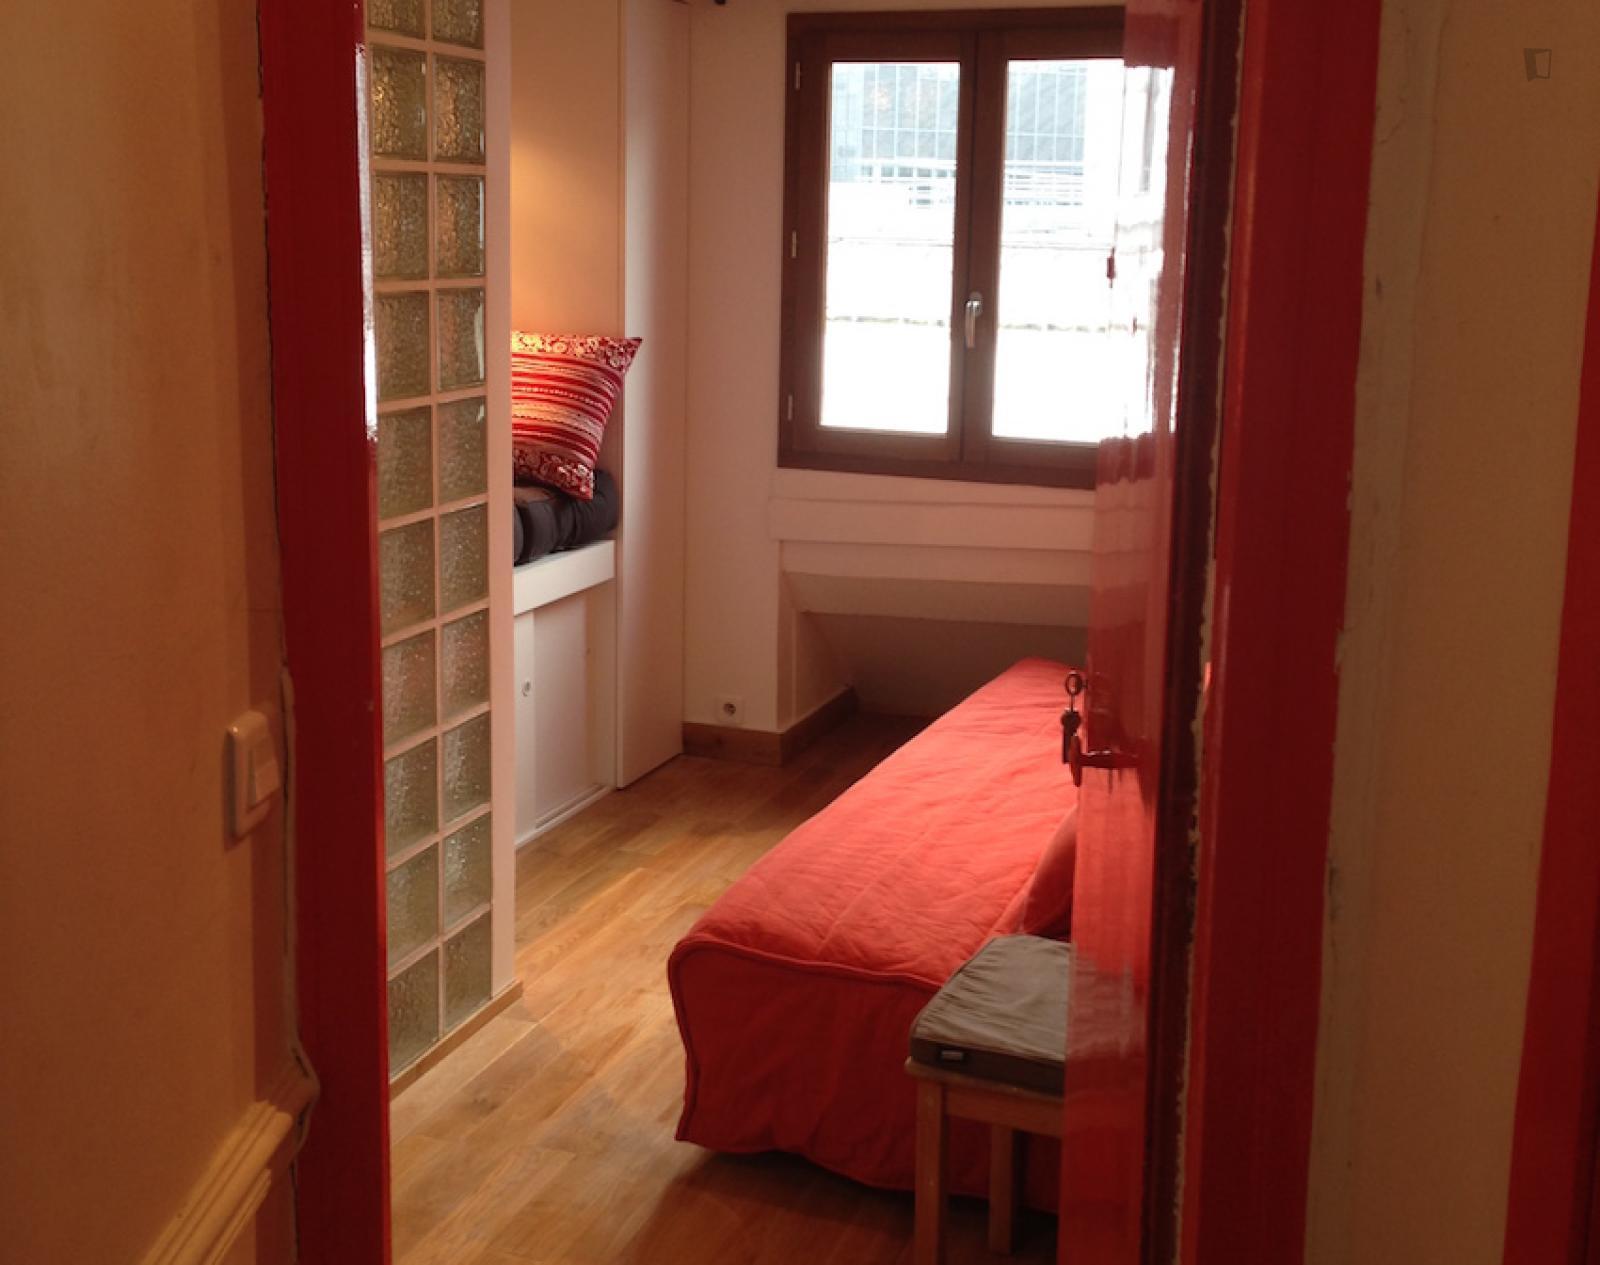 Rue d'Aboukir - 850EUR / month